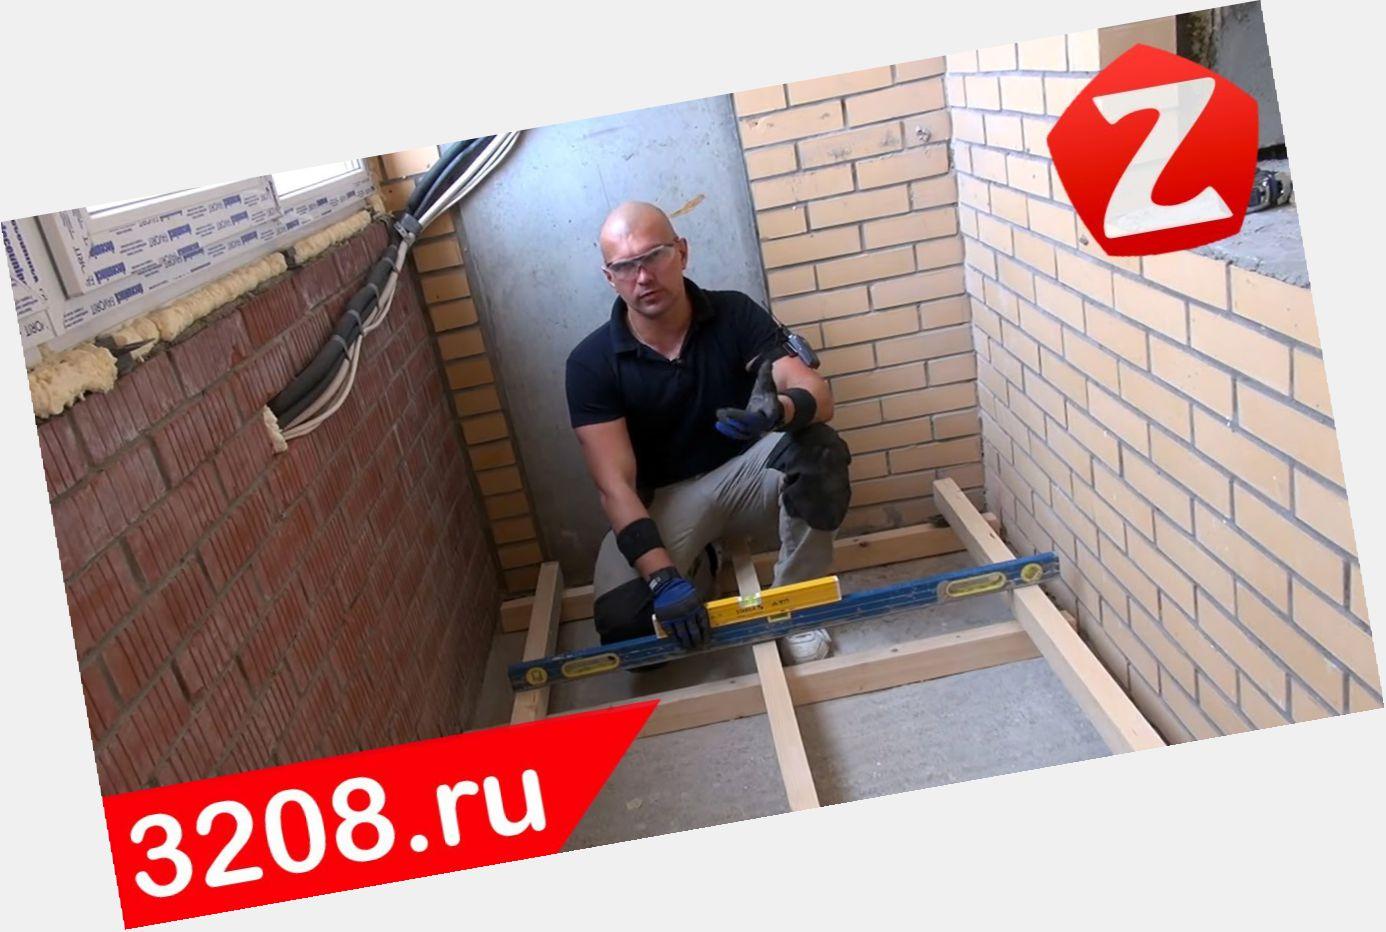 Алексей земсков официальный сайт фотографии ремонта.